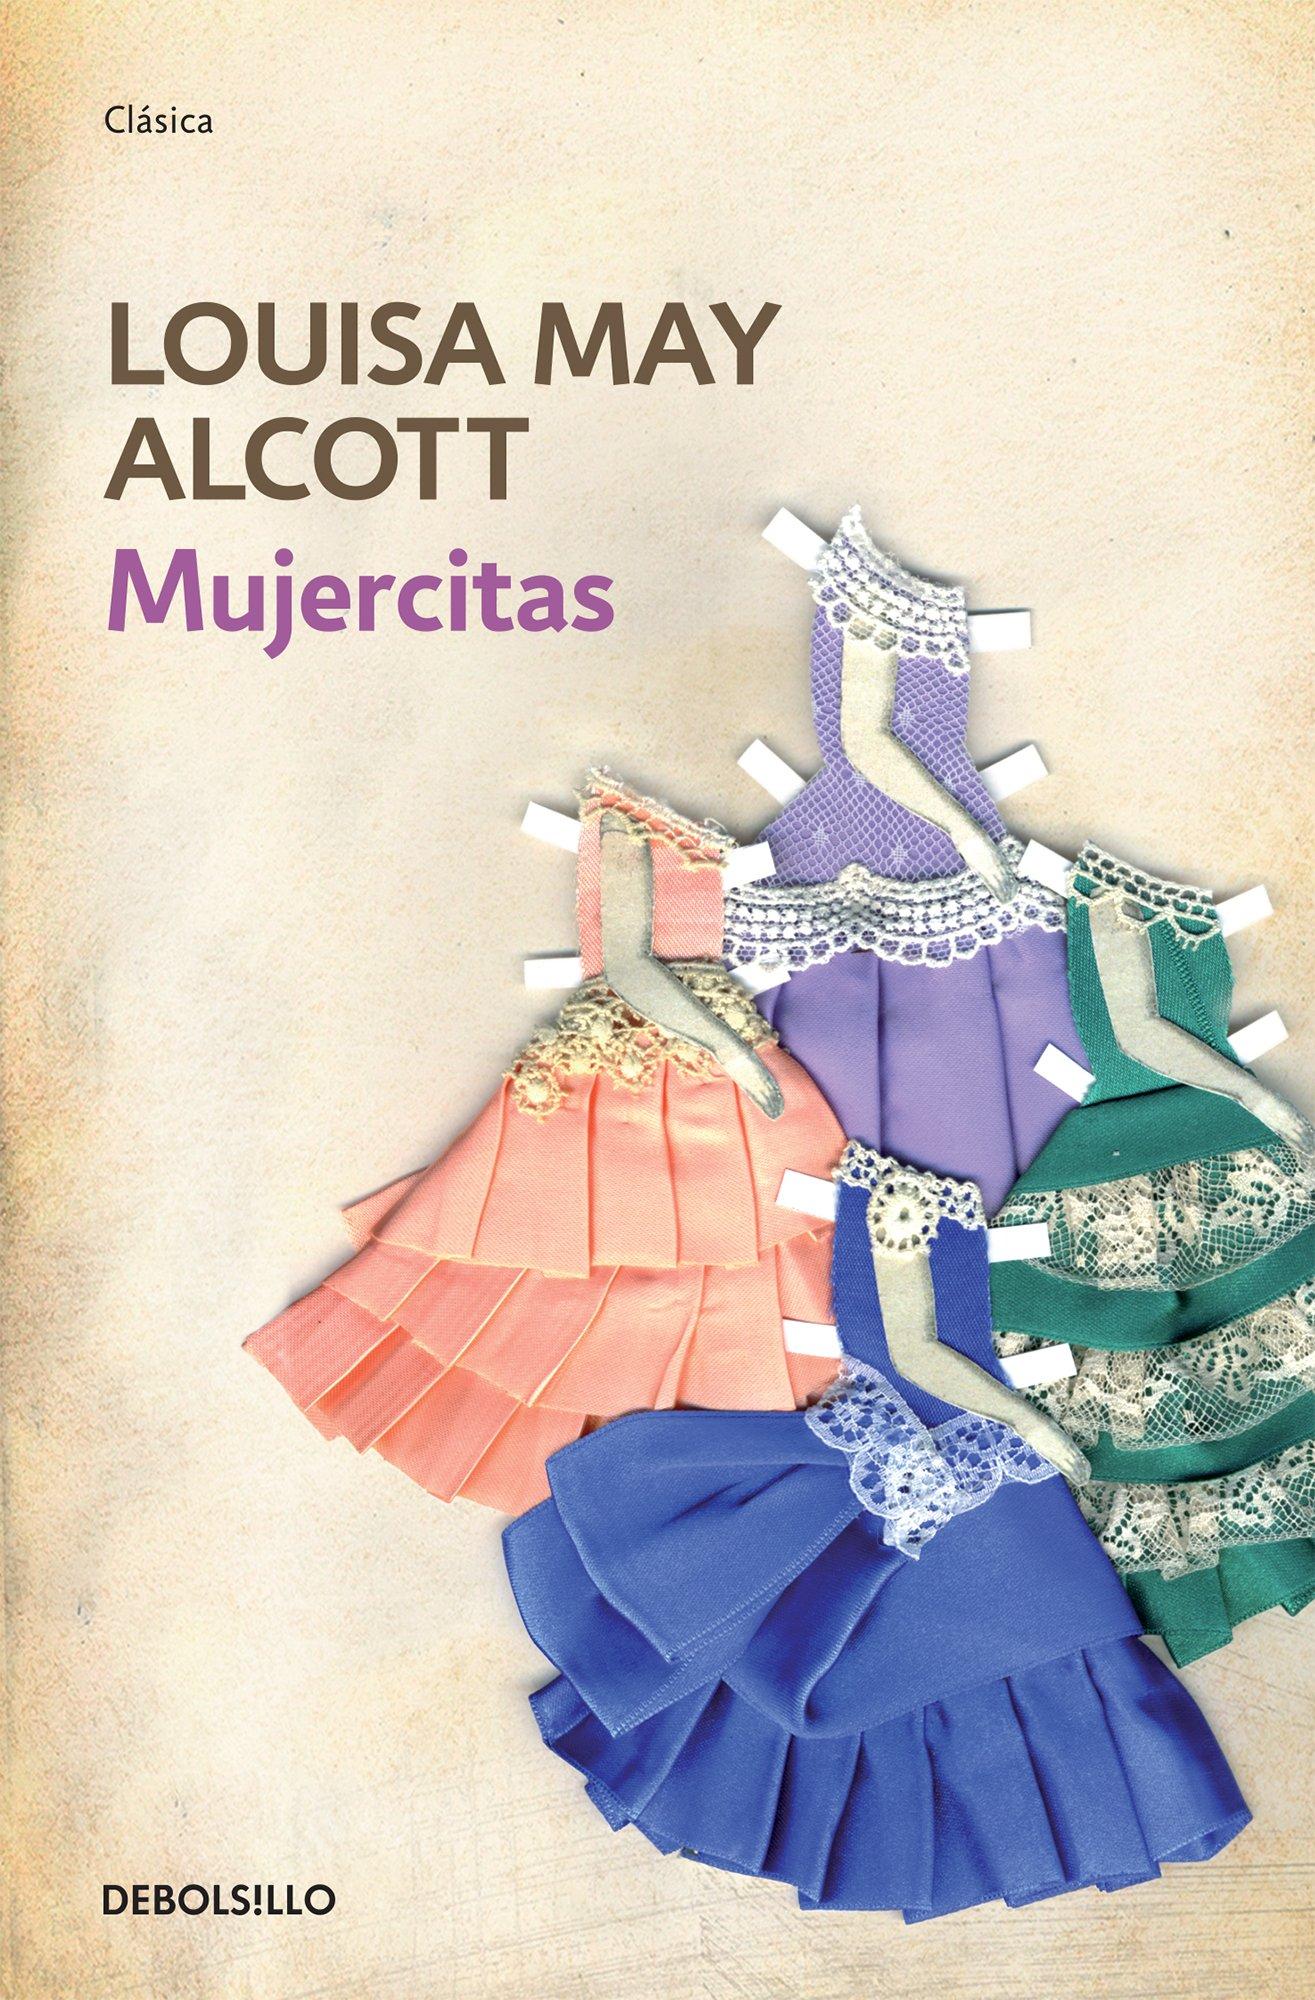 Mujercitas Spanish Edition Louisa May Alcott 9786073117814 Books